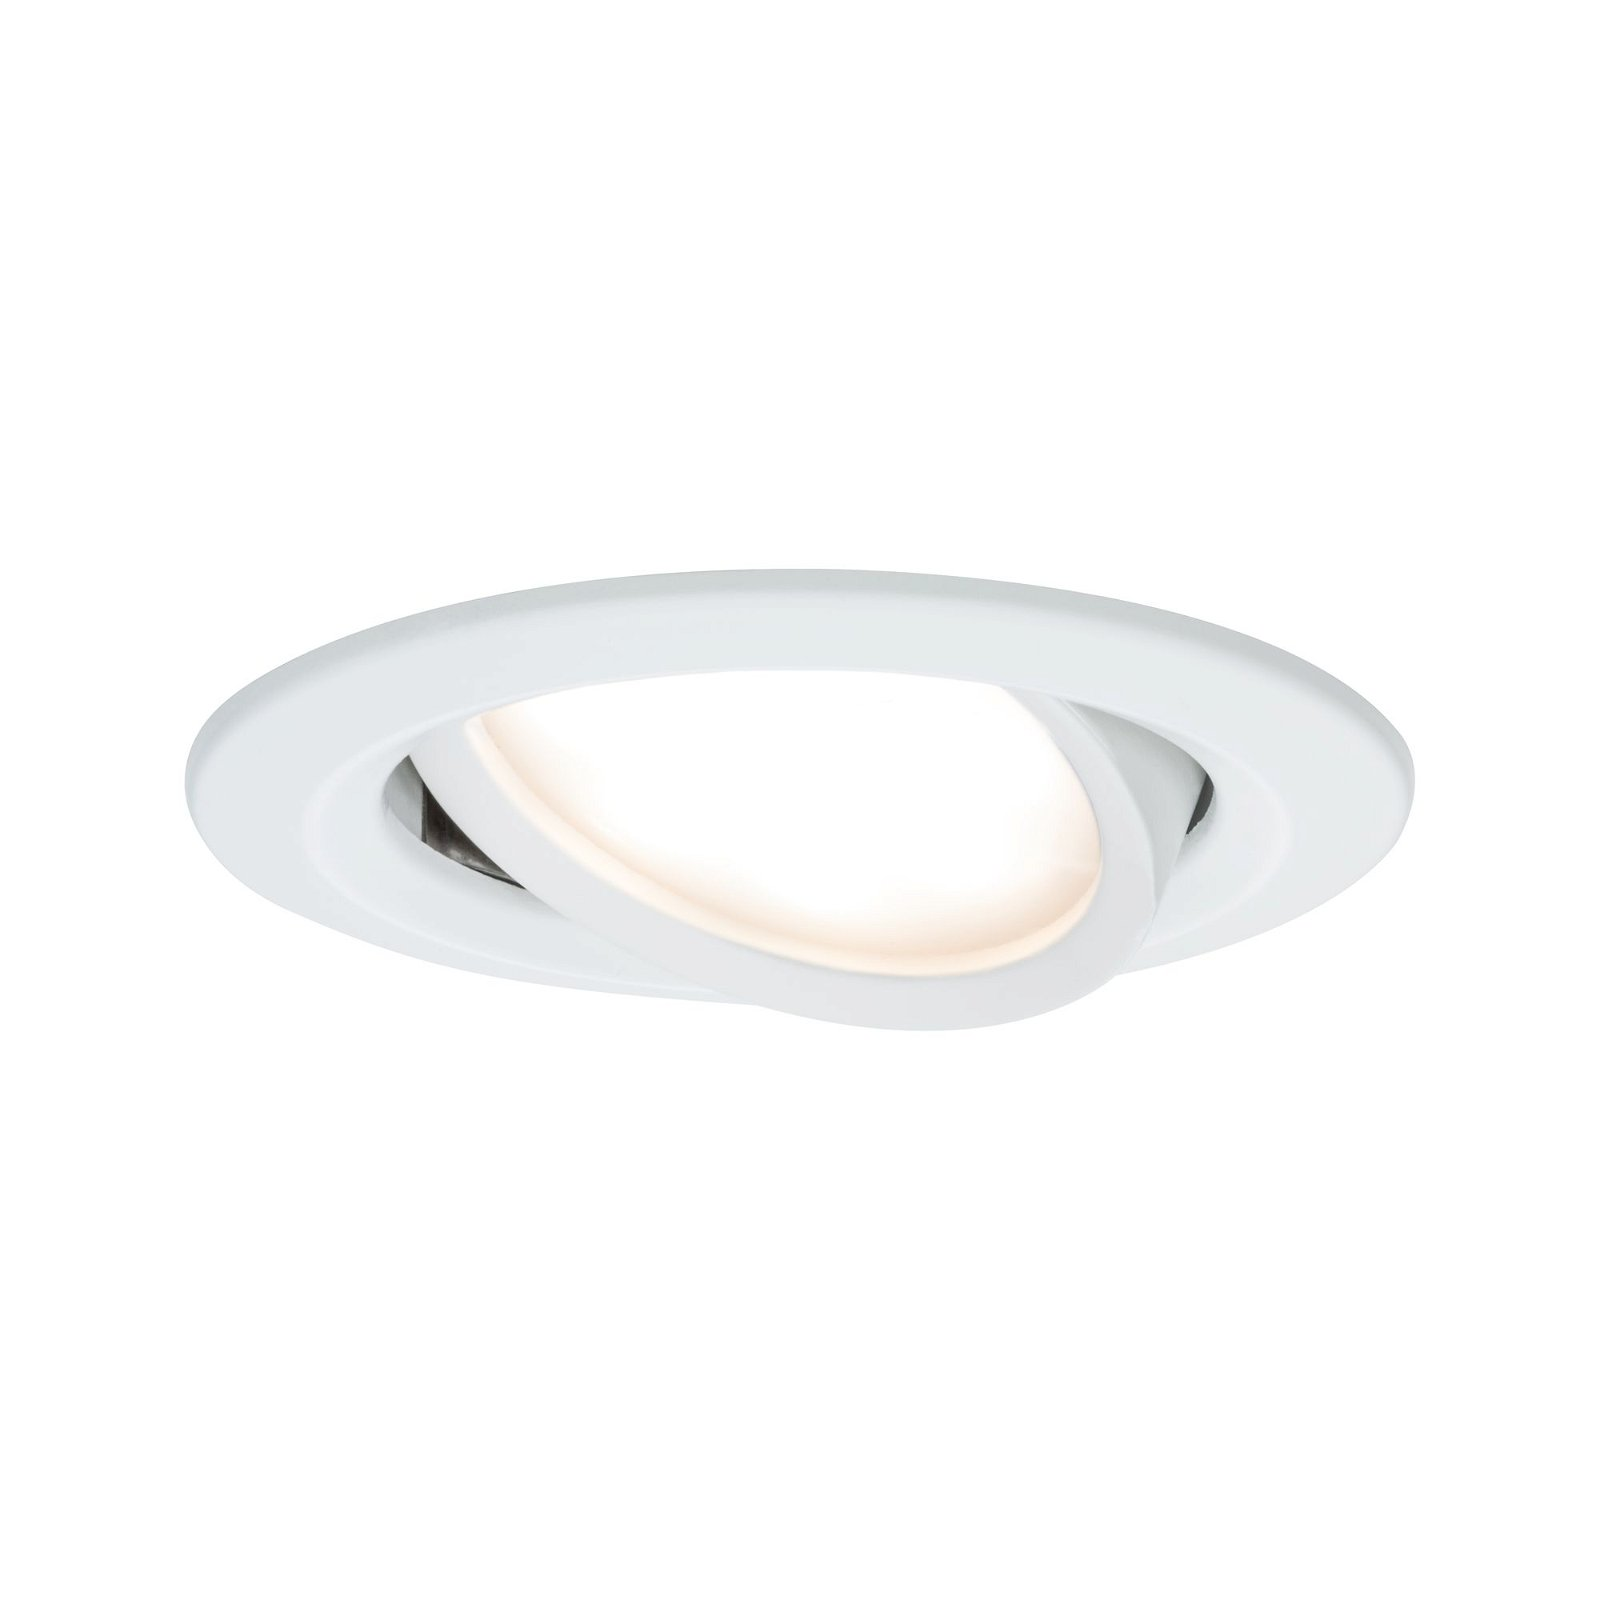 LED Einbauleuchte Nova Plus Coin schwenkbar rund 84mm 50° Coin 6,8W 425lm 230V 2700K Weiß matt